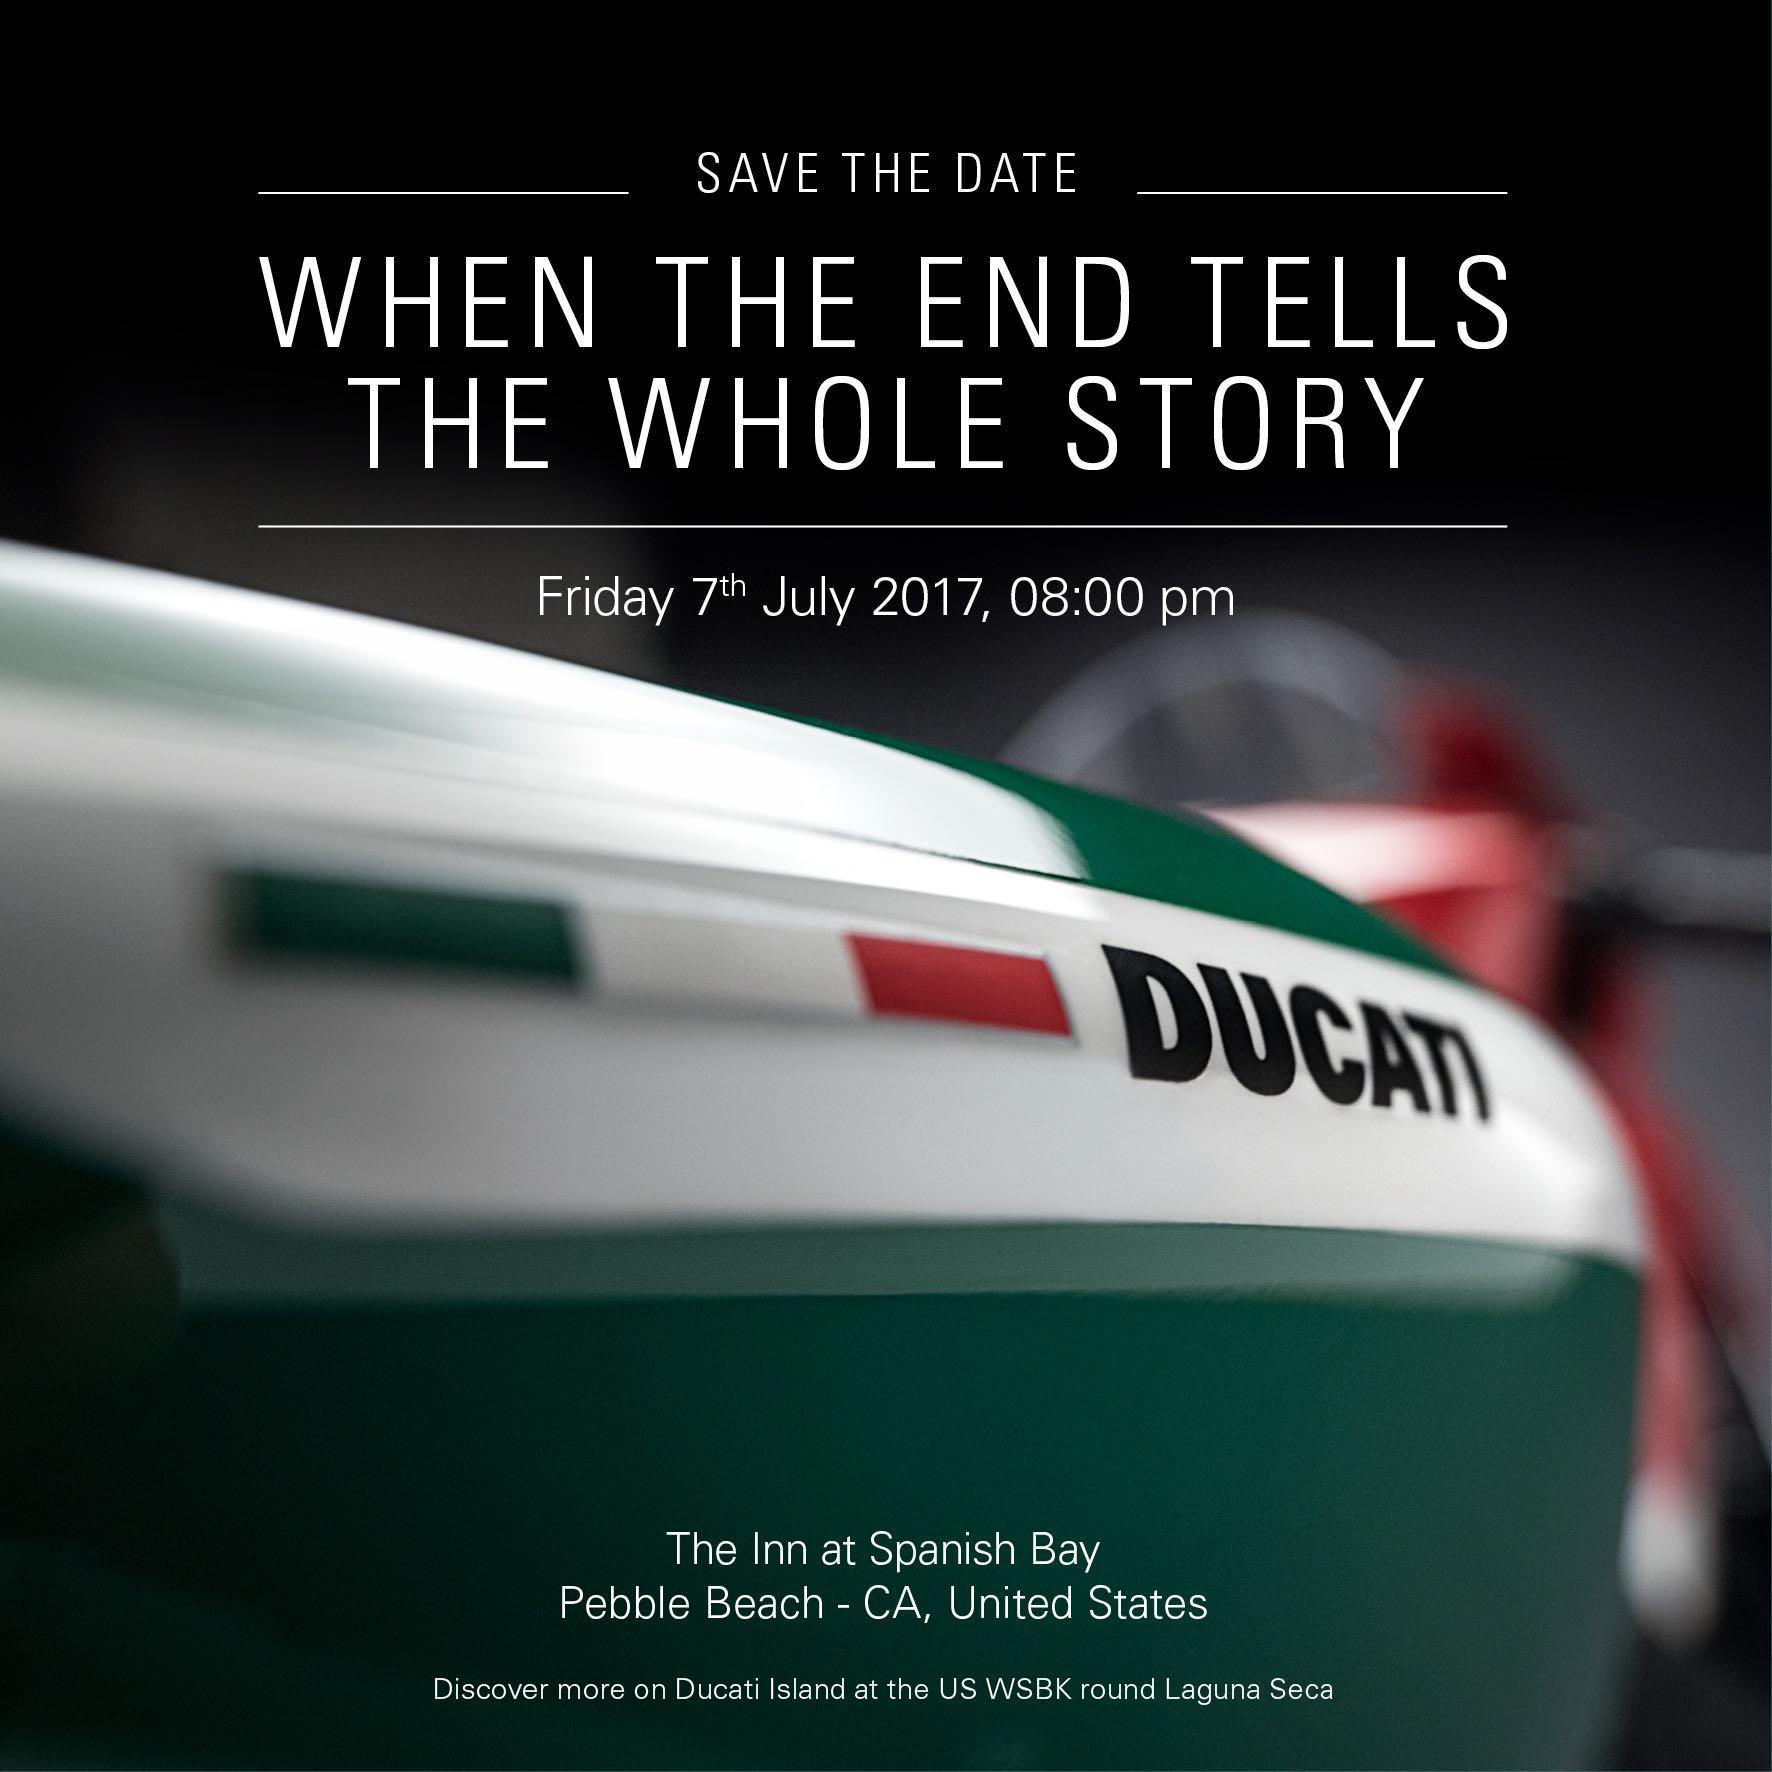 Ducati prepara el fin de la Panigale y el bicilíndrico, atentos al 7 de julio